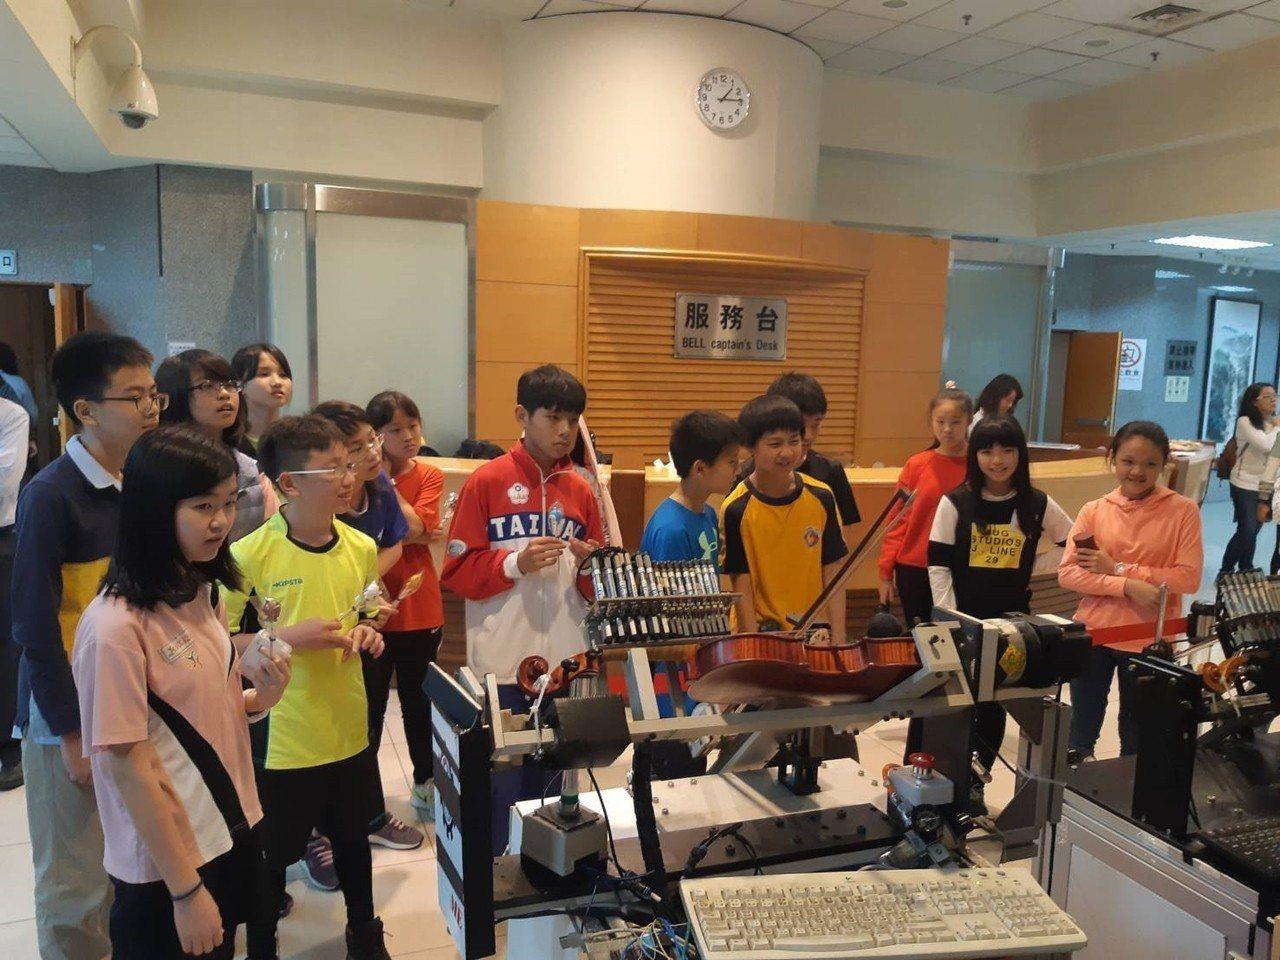 學童們好奇看著機車如何演奏提琴。圖/中原大學提供